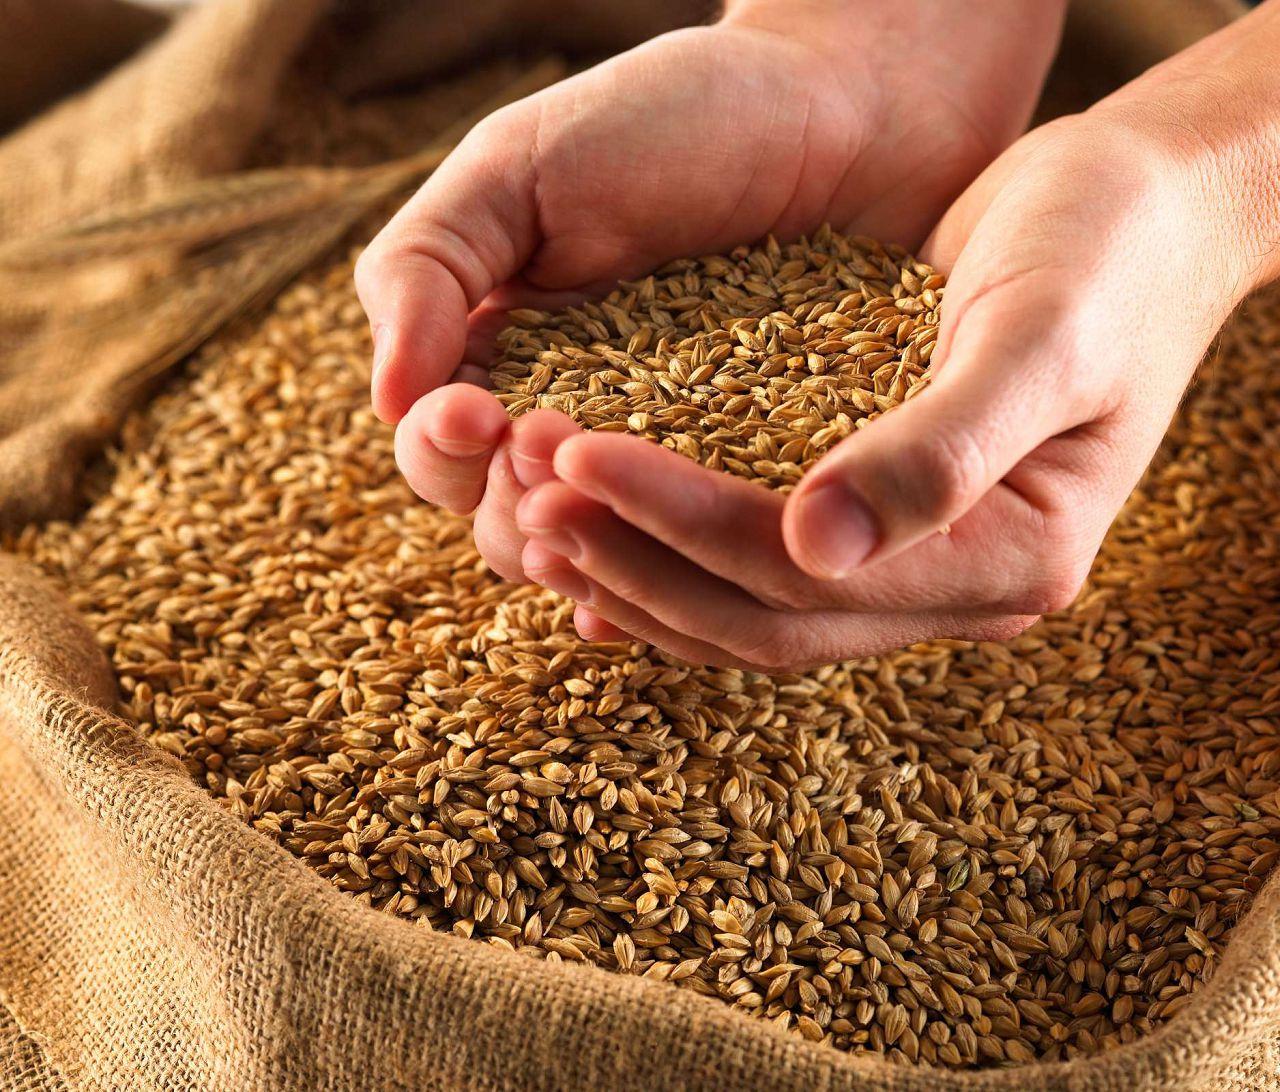 Перед сном желательно давать перепелам зерно